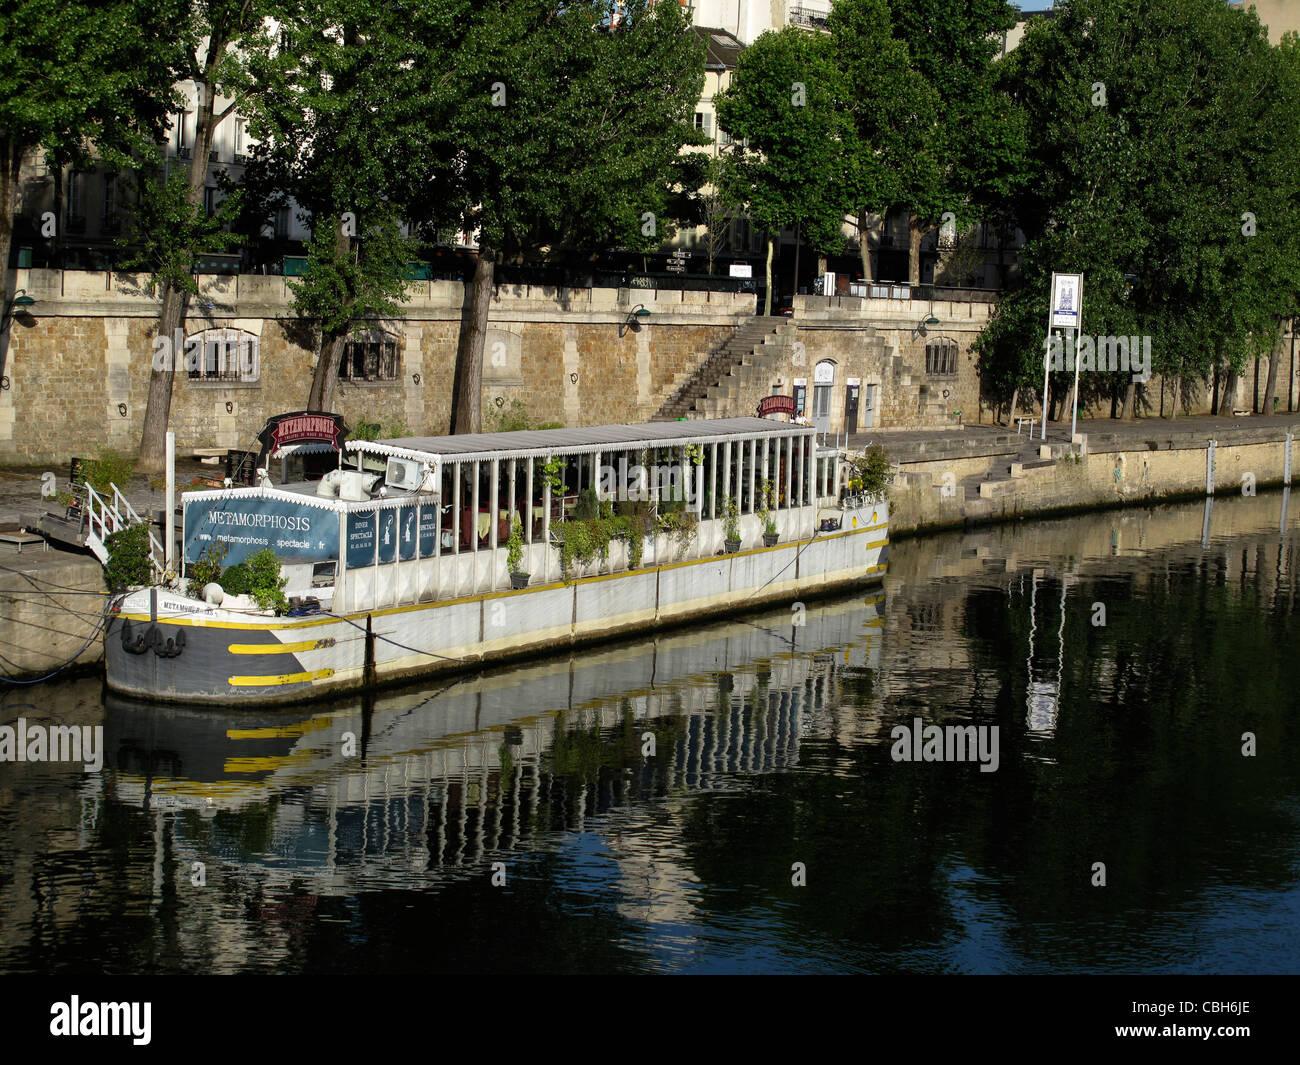 Quai de Montebello,Pont au Double,Seine river, Paris, France - Stock Image